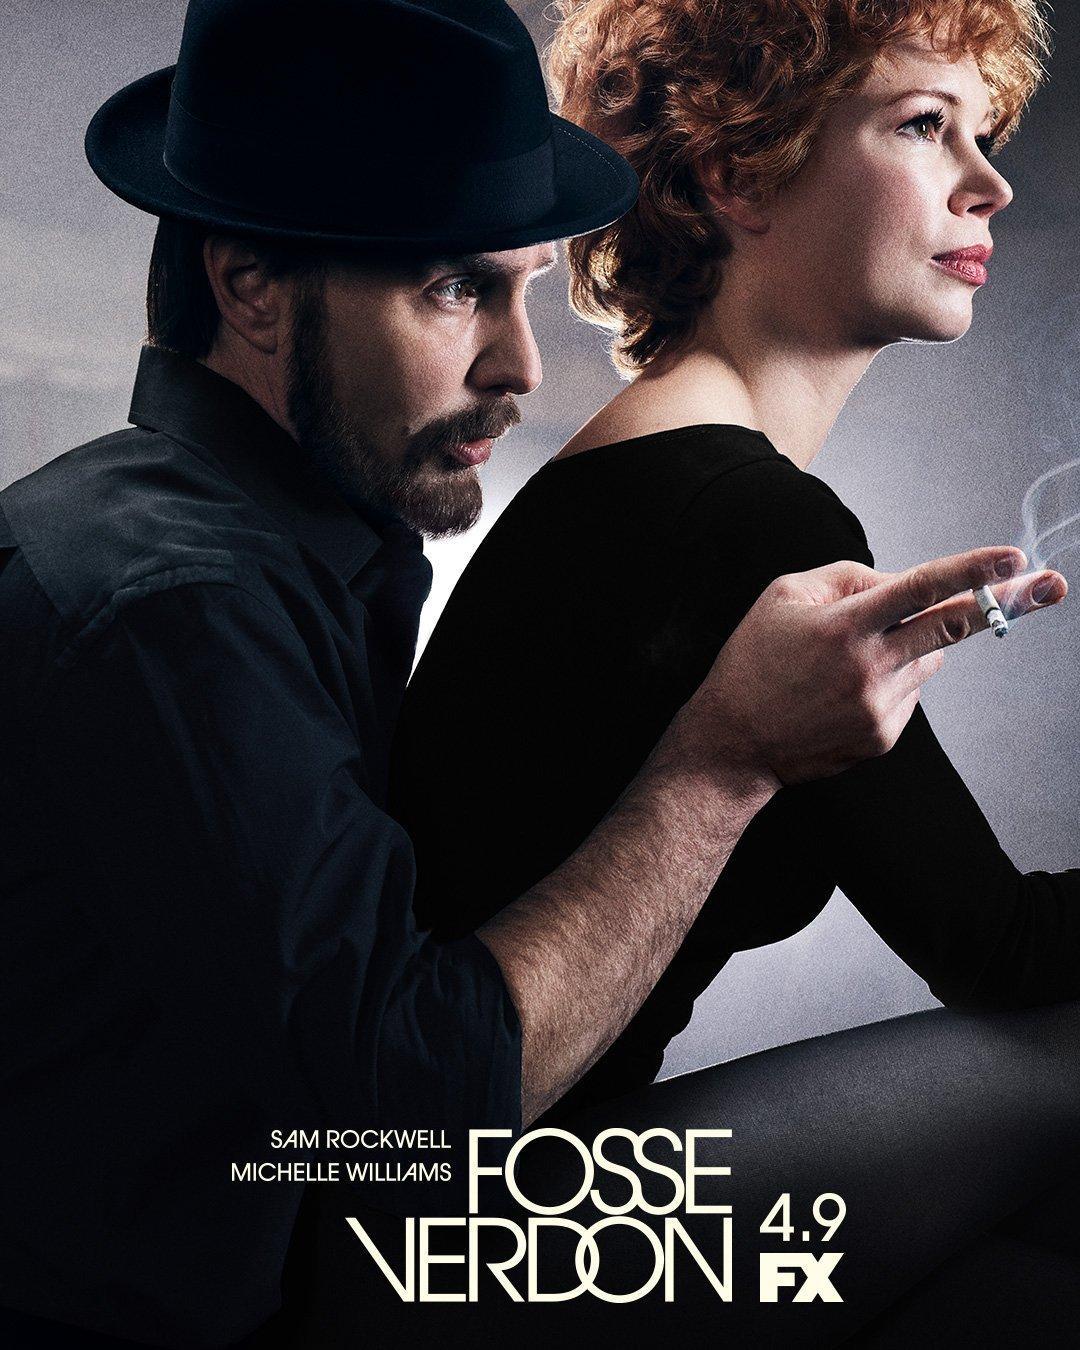 佛西与沃登 Fosse/Verdon (2019)百度云迅雷下载